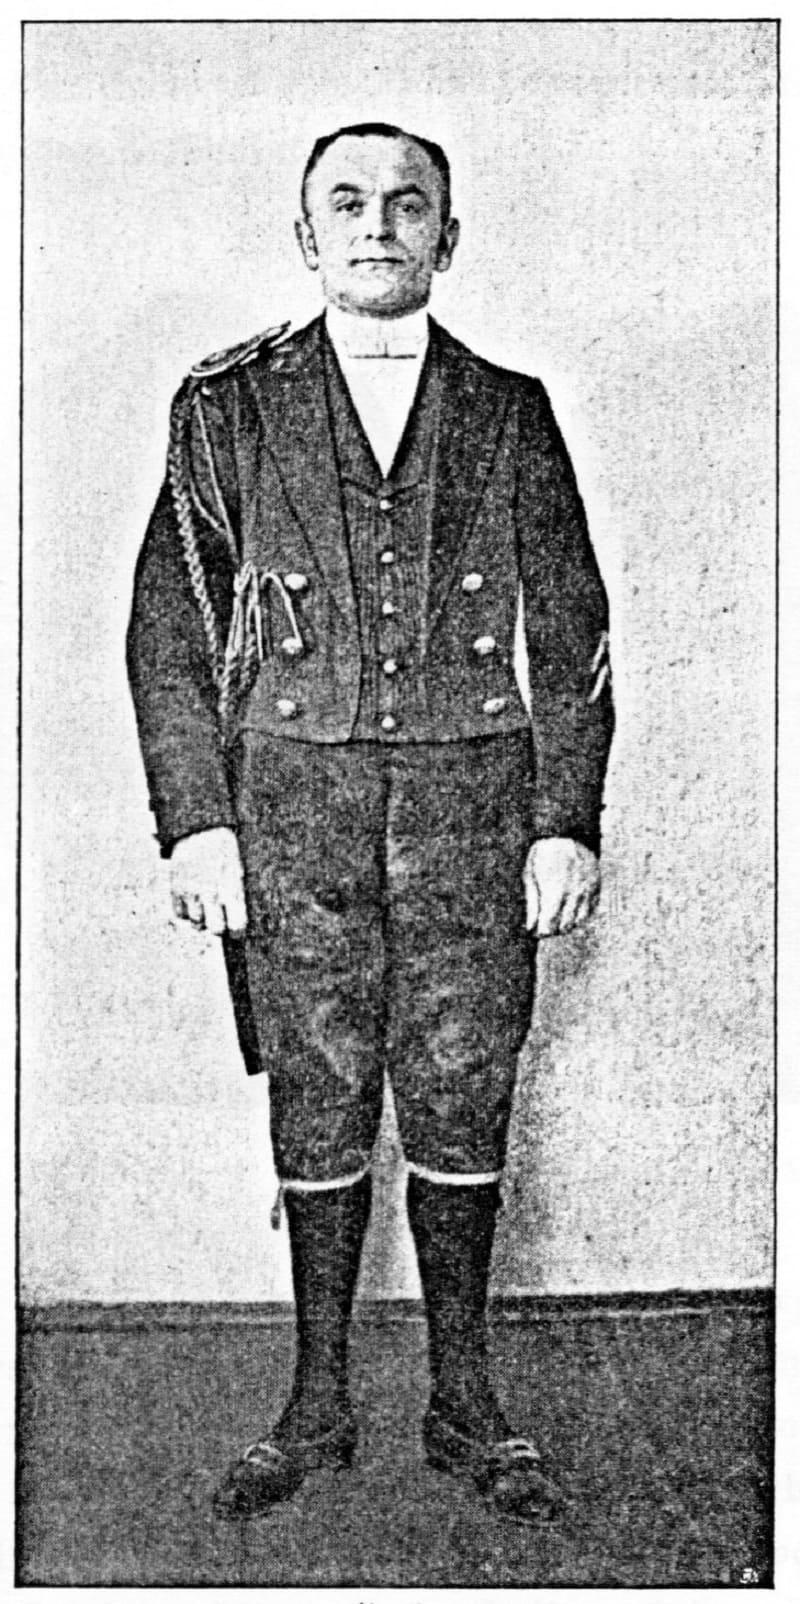 Английский слуга в ливрее, около 1900 года